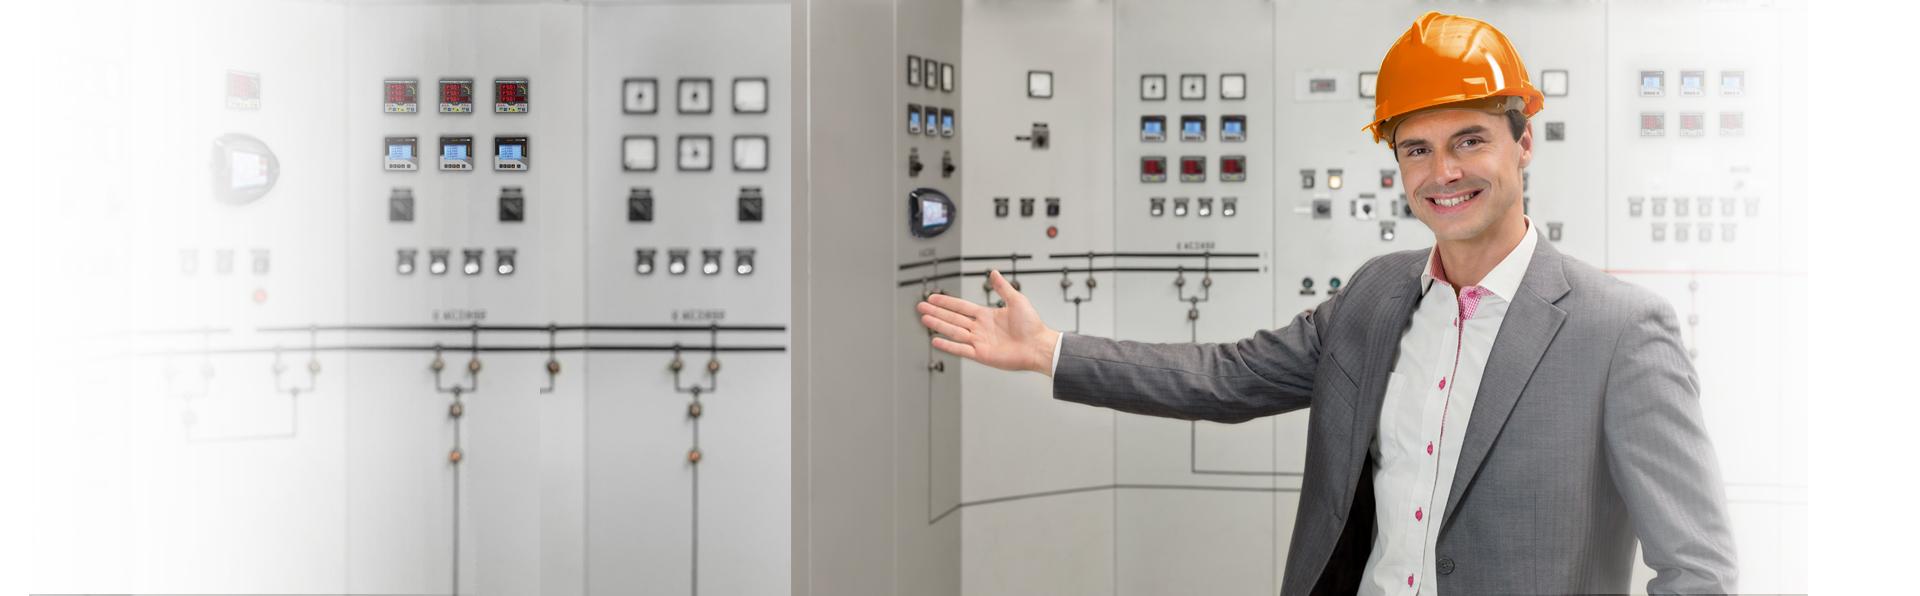 פתרונות לאיכות חשמל